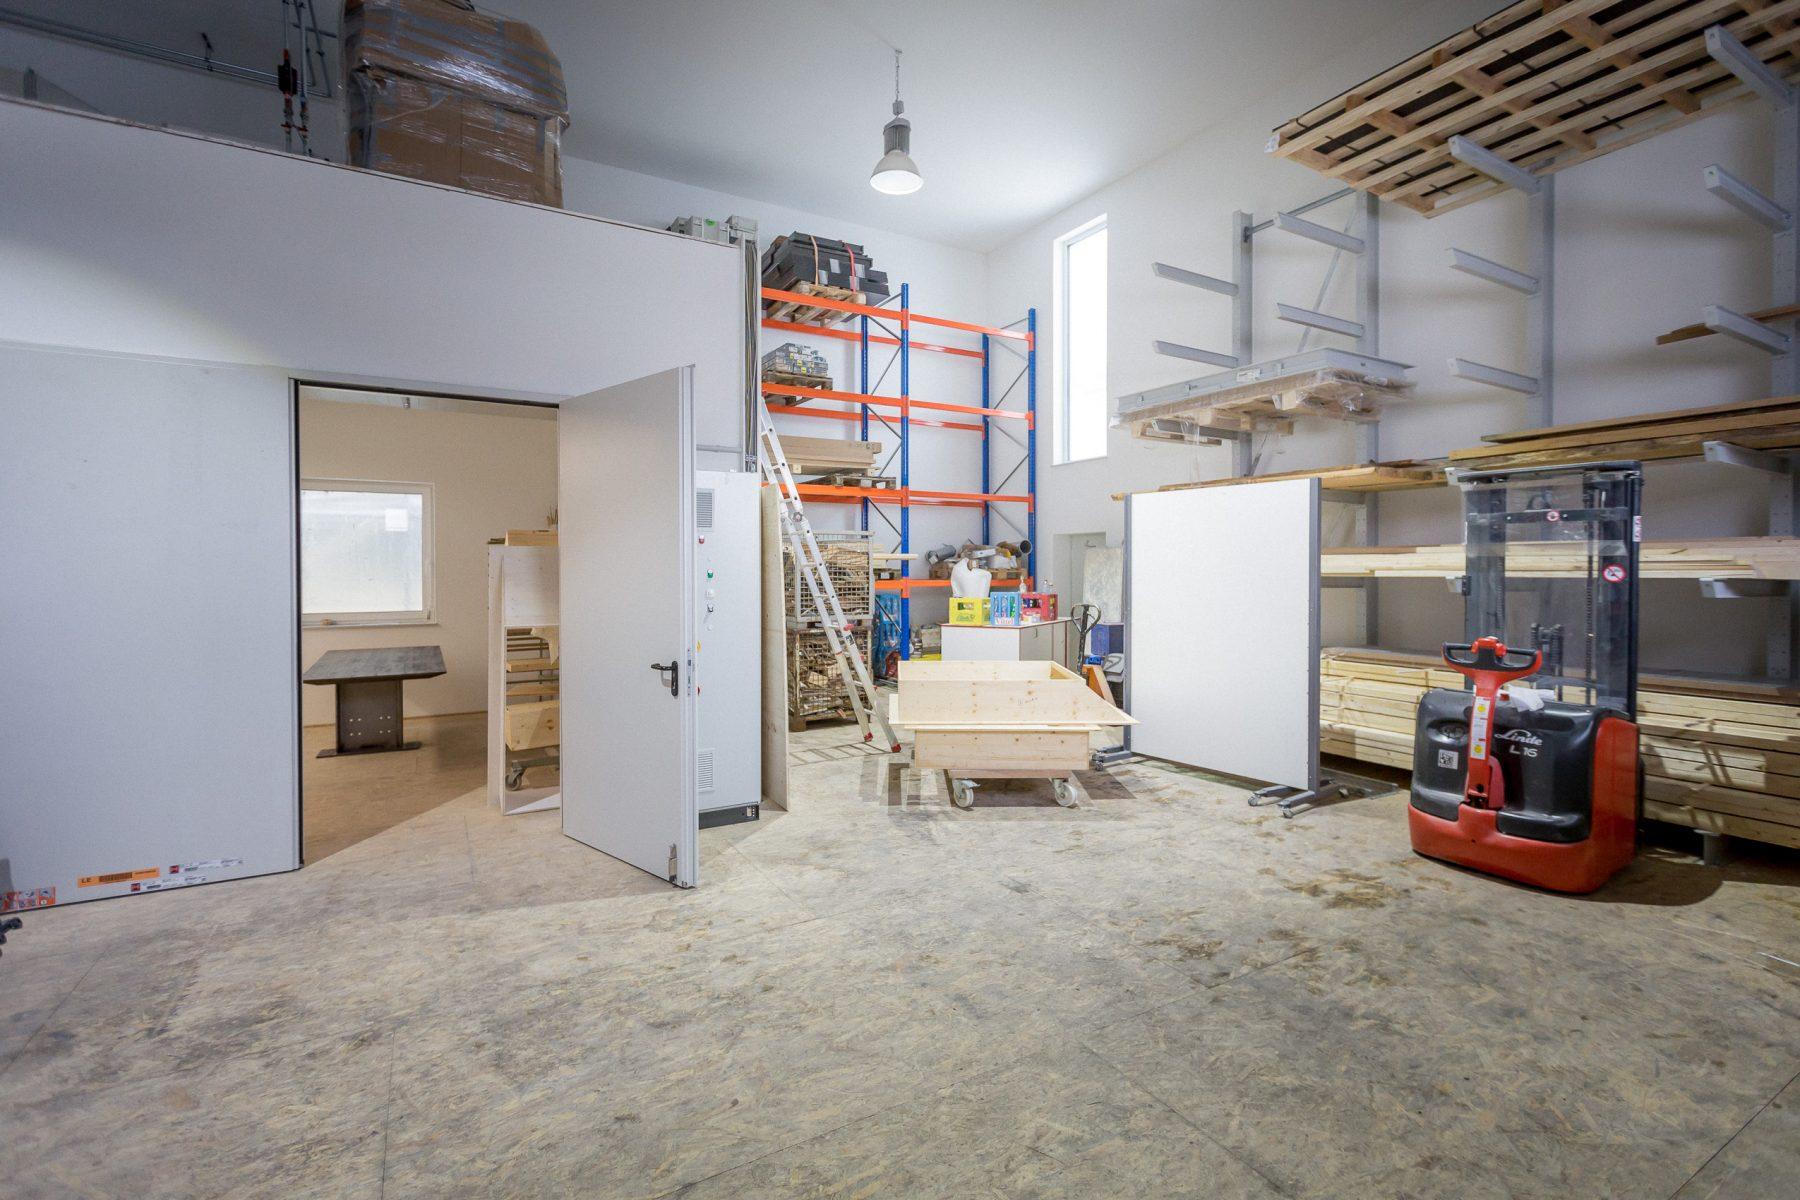 10690 Baufortschritt Werkstatt und Laden 170126 MG